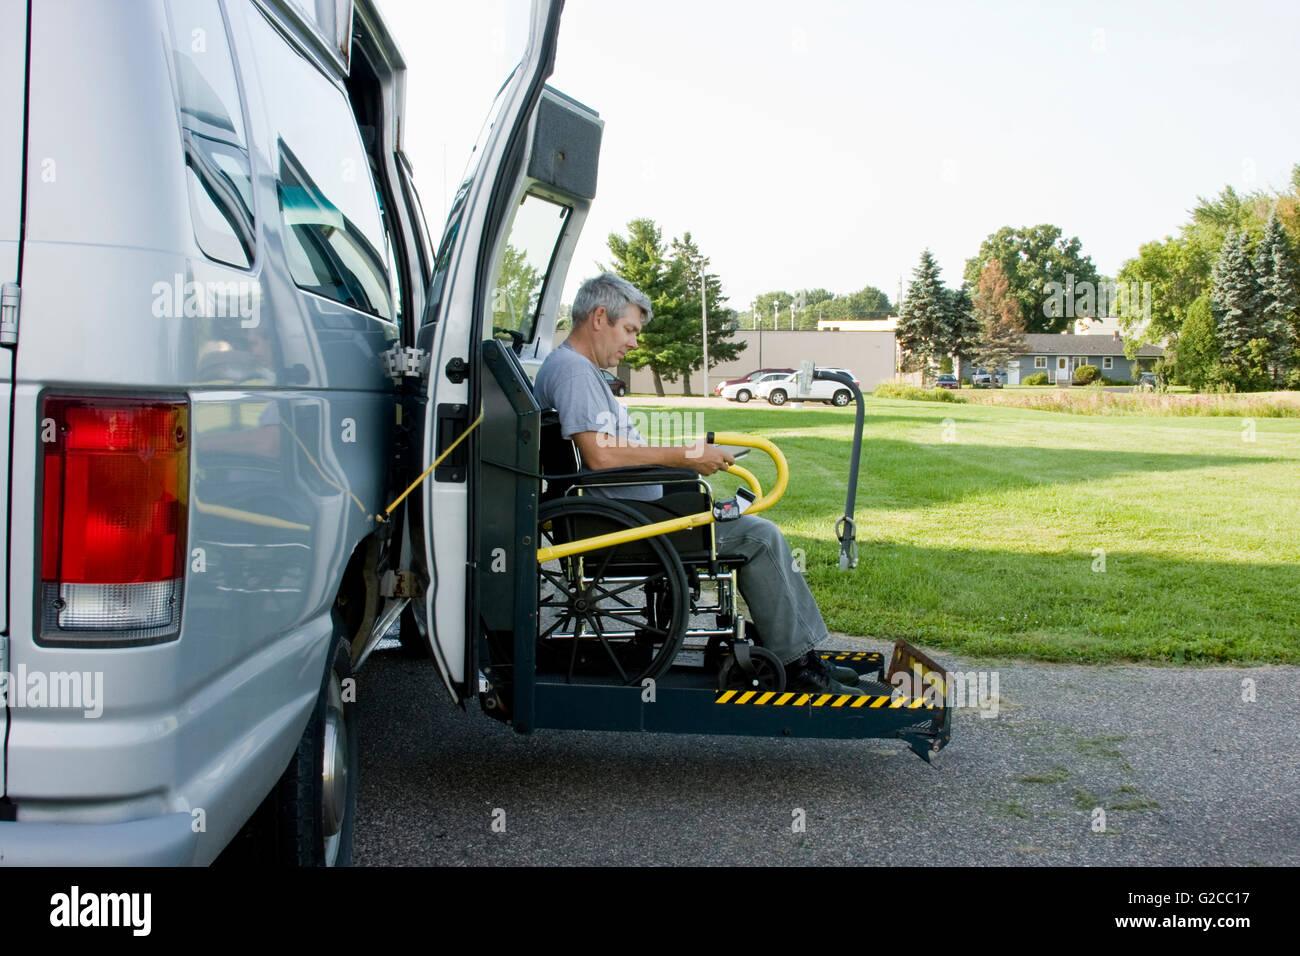 Conversione di disabilità sollevare van con un uomo su una sedia a rotelle sul gate Immagini Stock